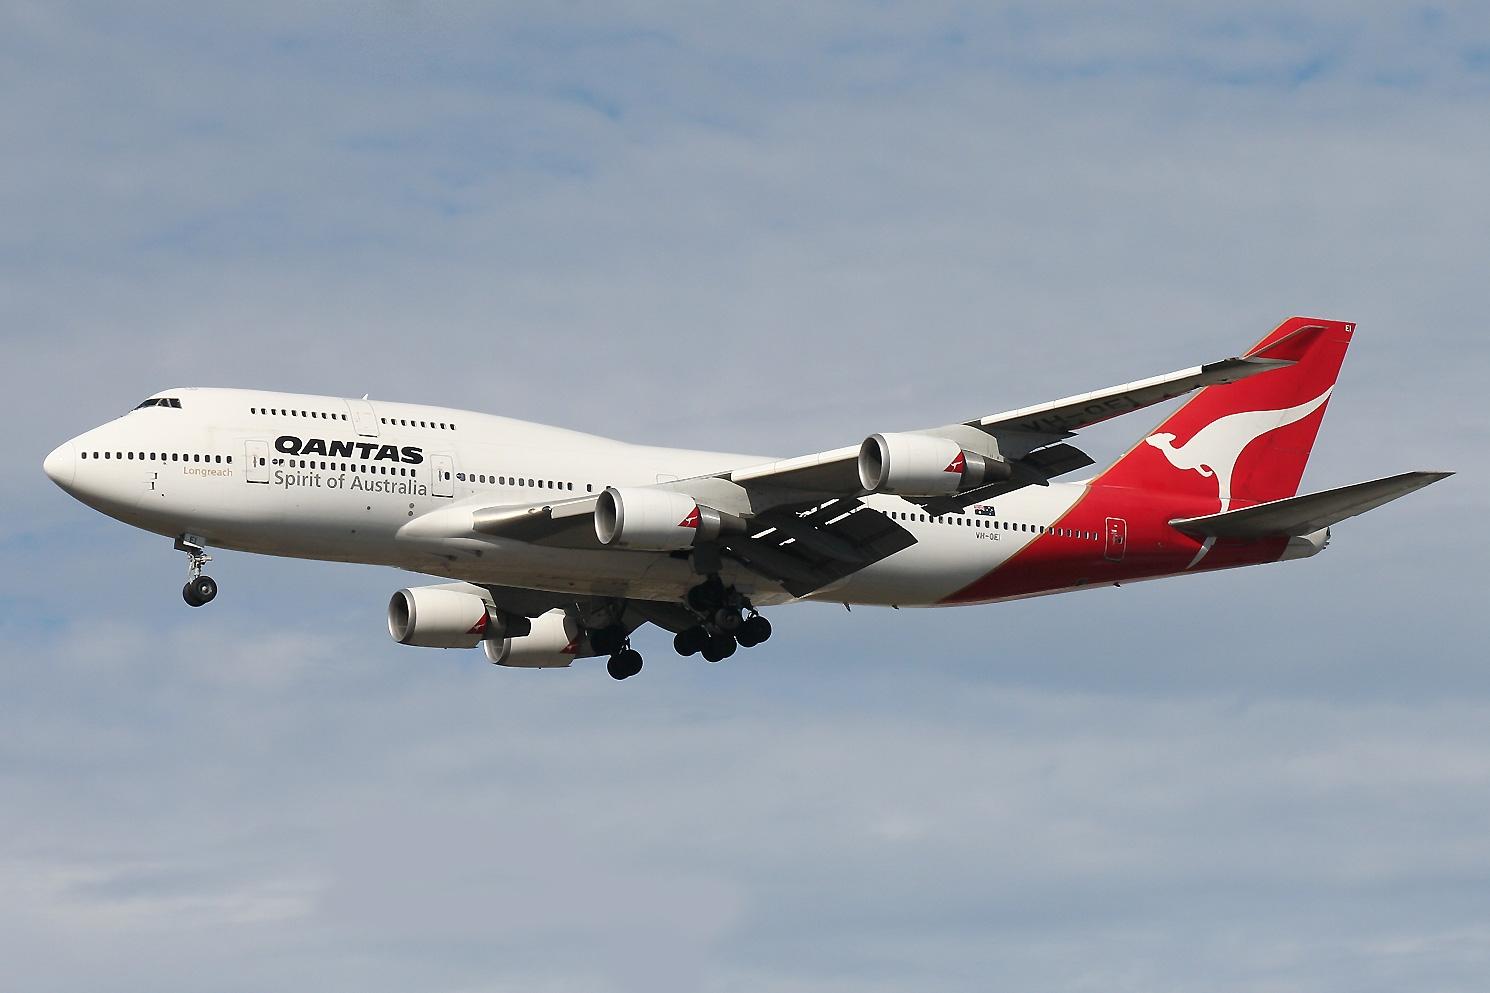 qantas flights - photo #28